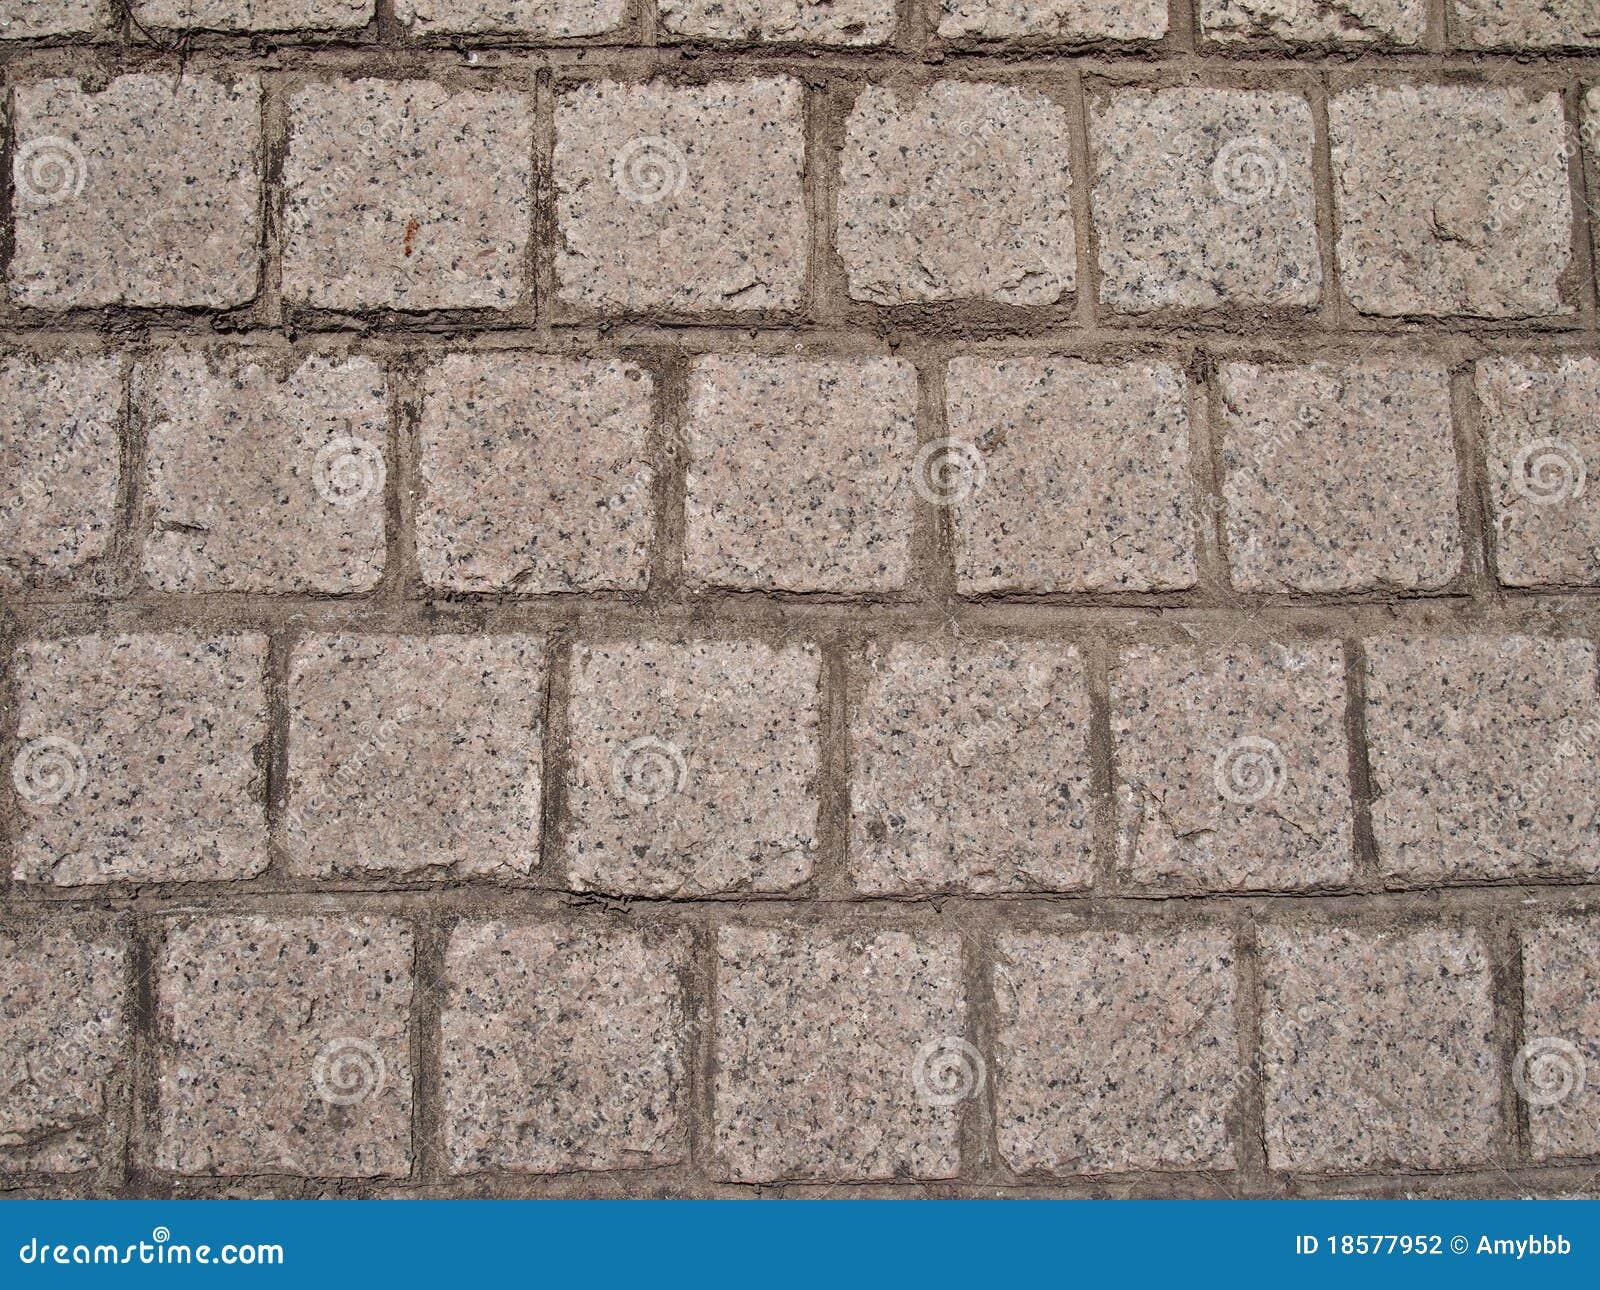 mattoni di pietra a forma di quadrati colorati grigi